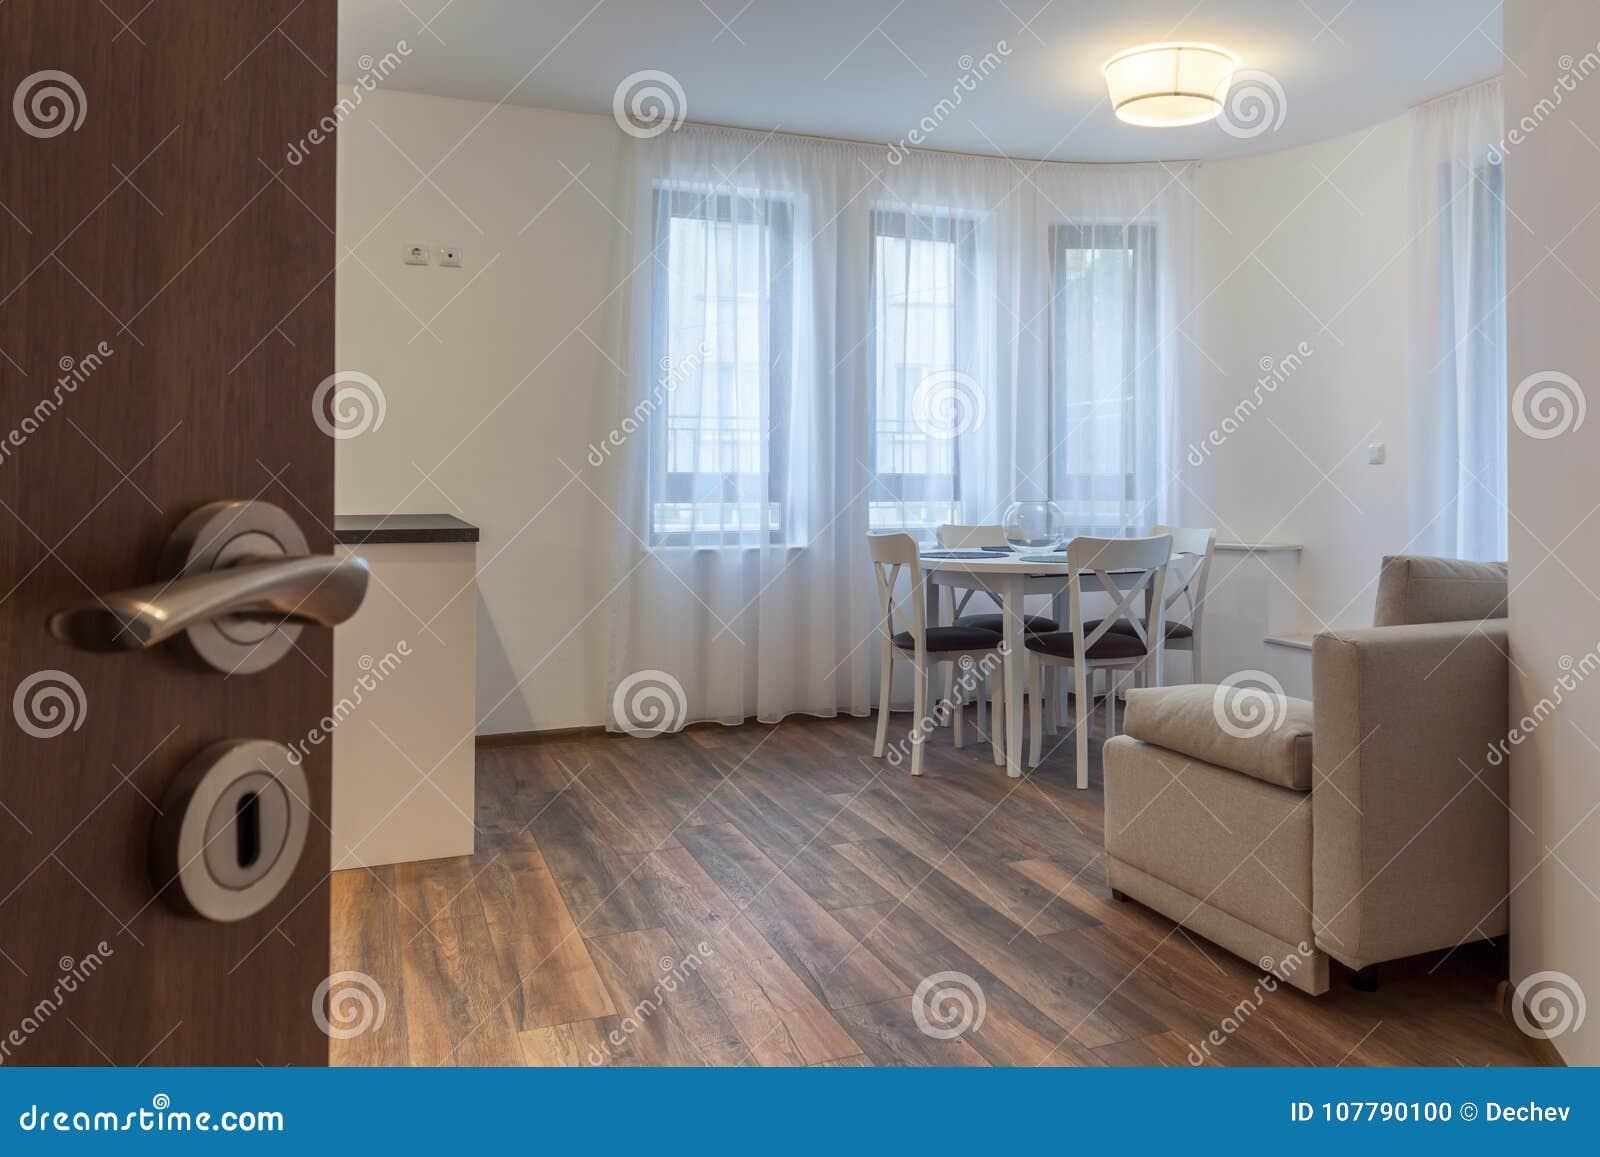 Open deur aan een nieuwe moderne woonkamer nieuw huis binnenlandse